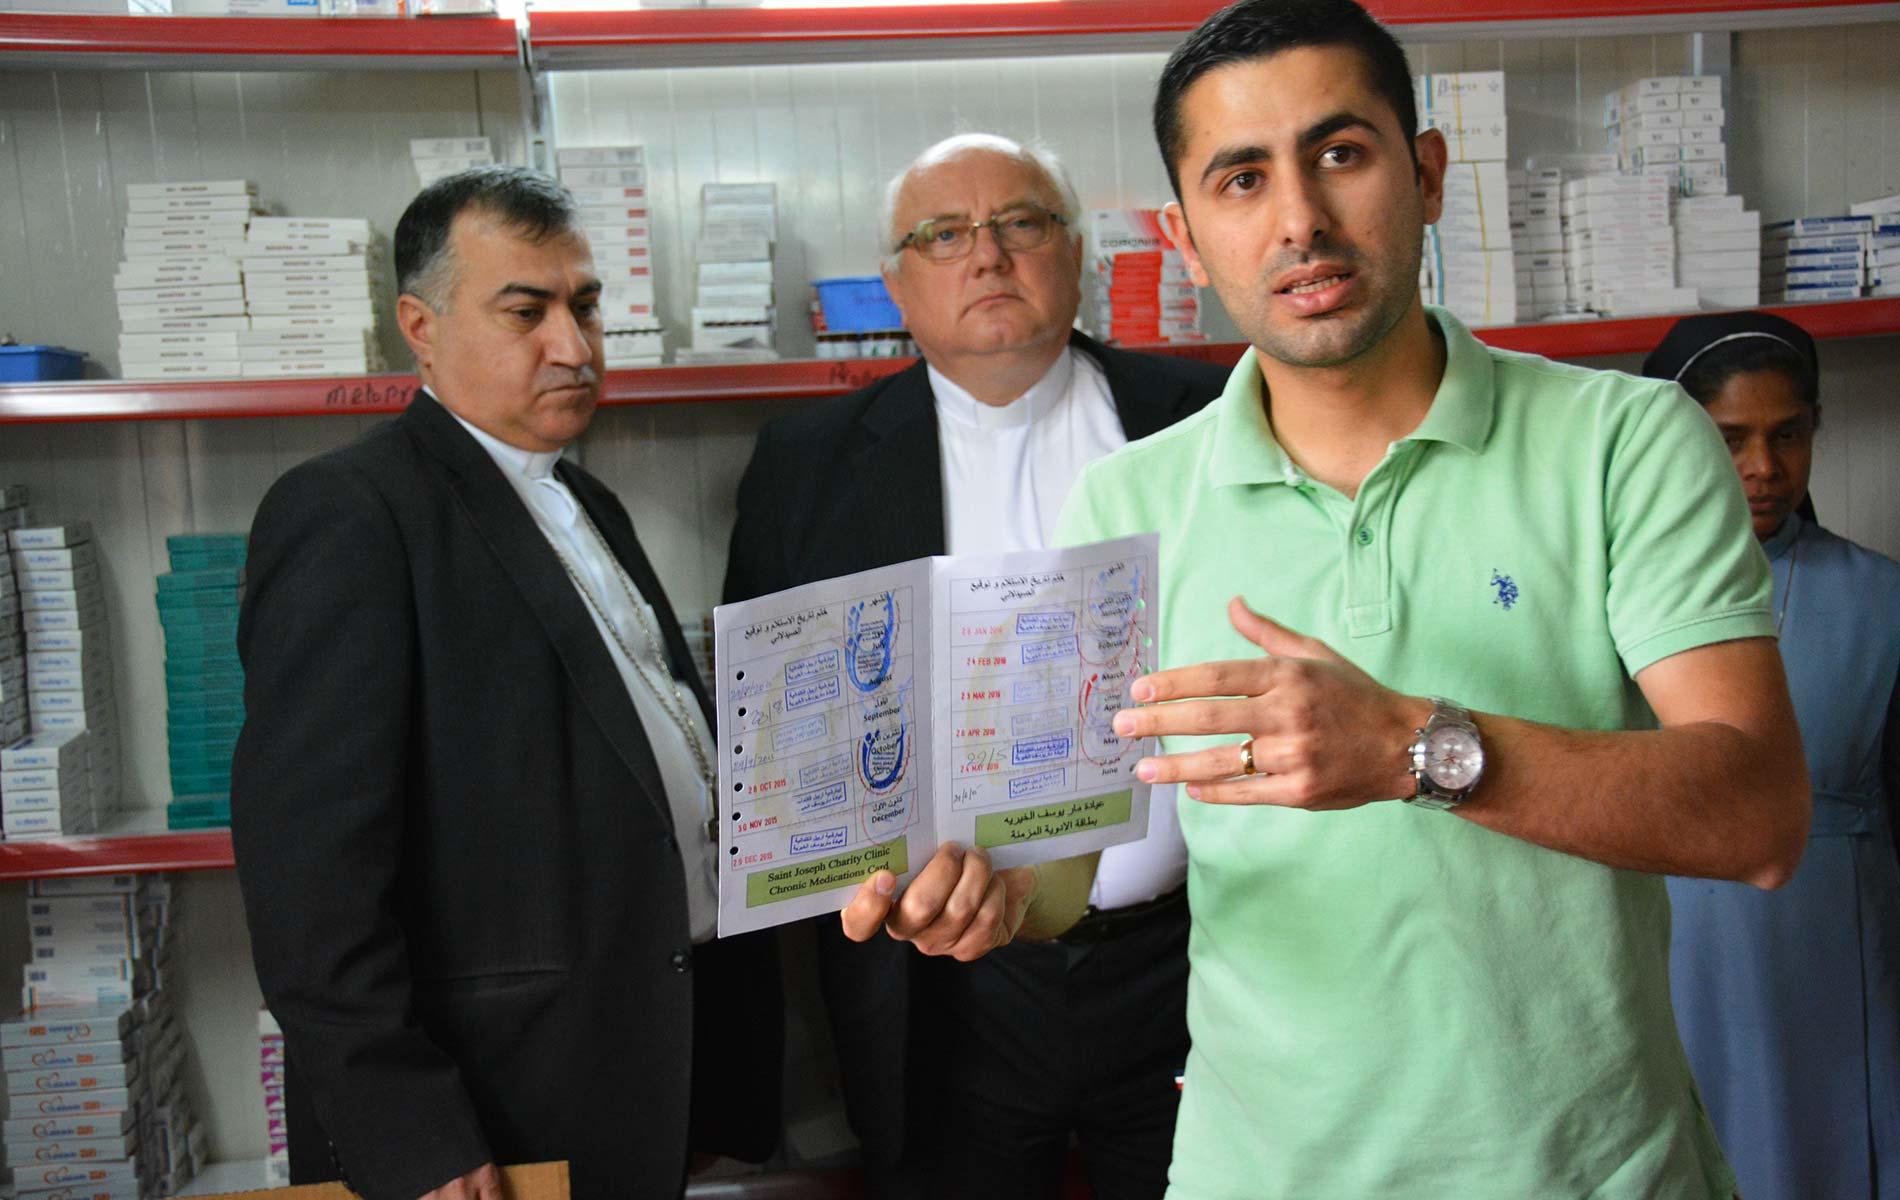 Visitação-Hospital-catolico-no-Iraque-leva-a-esperança